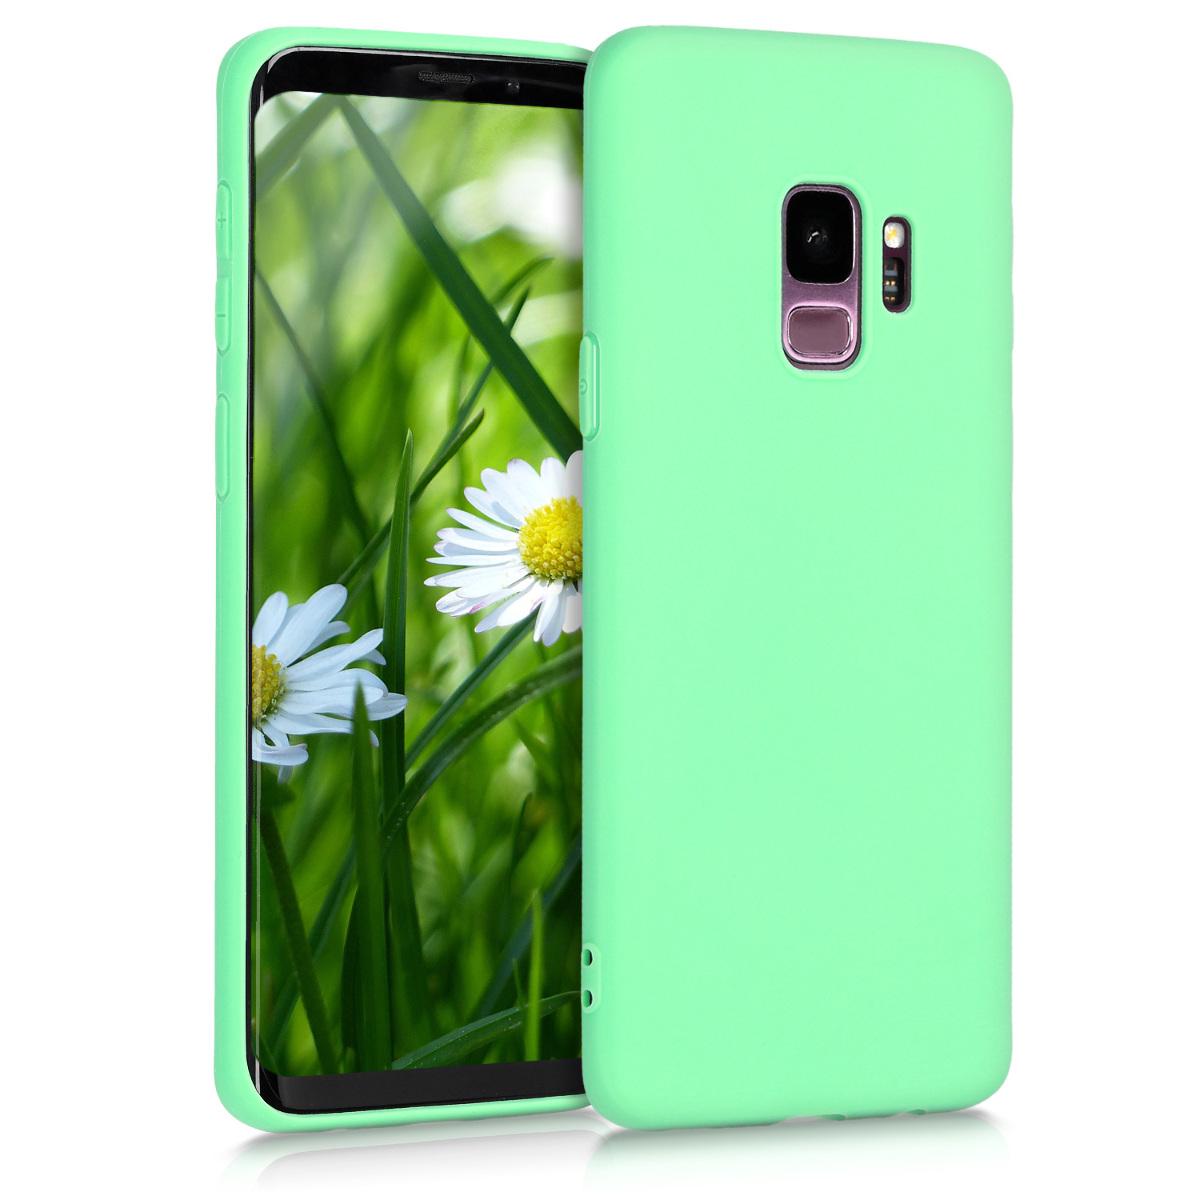 Kvalitní silikonové TPU pouzdro pro Samsung S9 - Peppermint zelené zelené